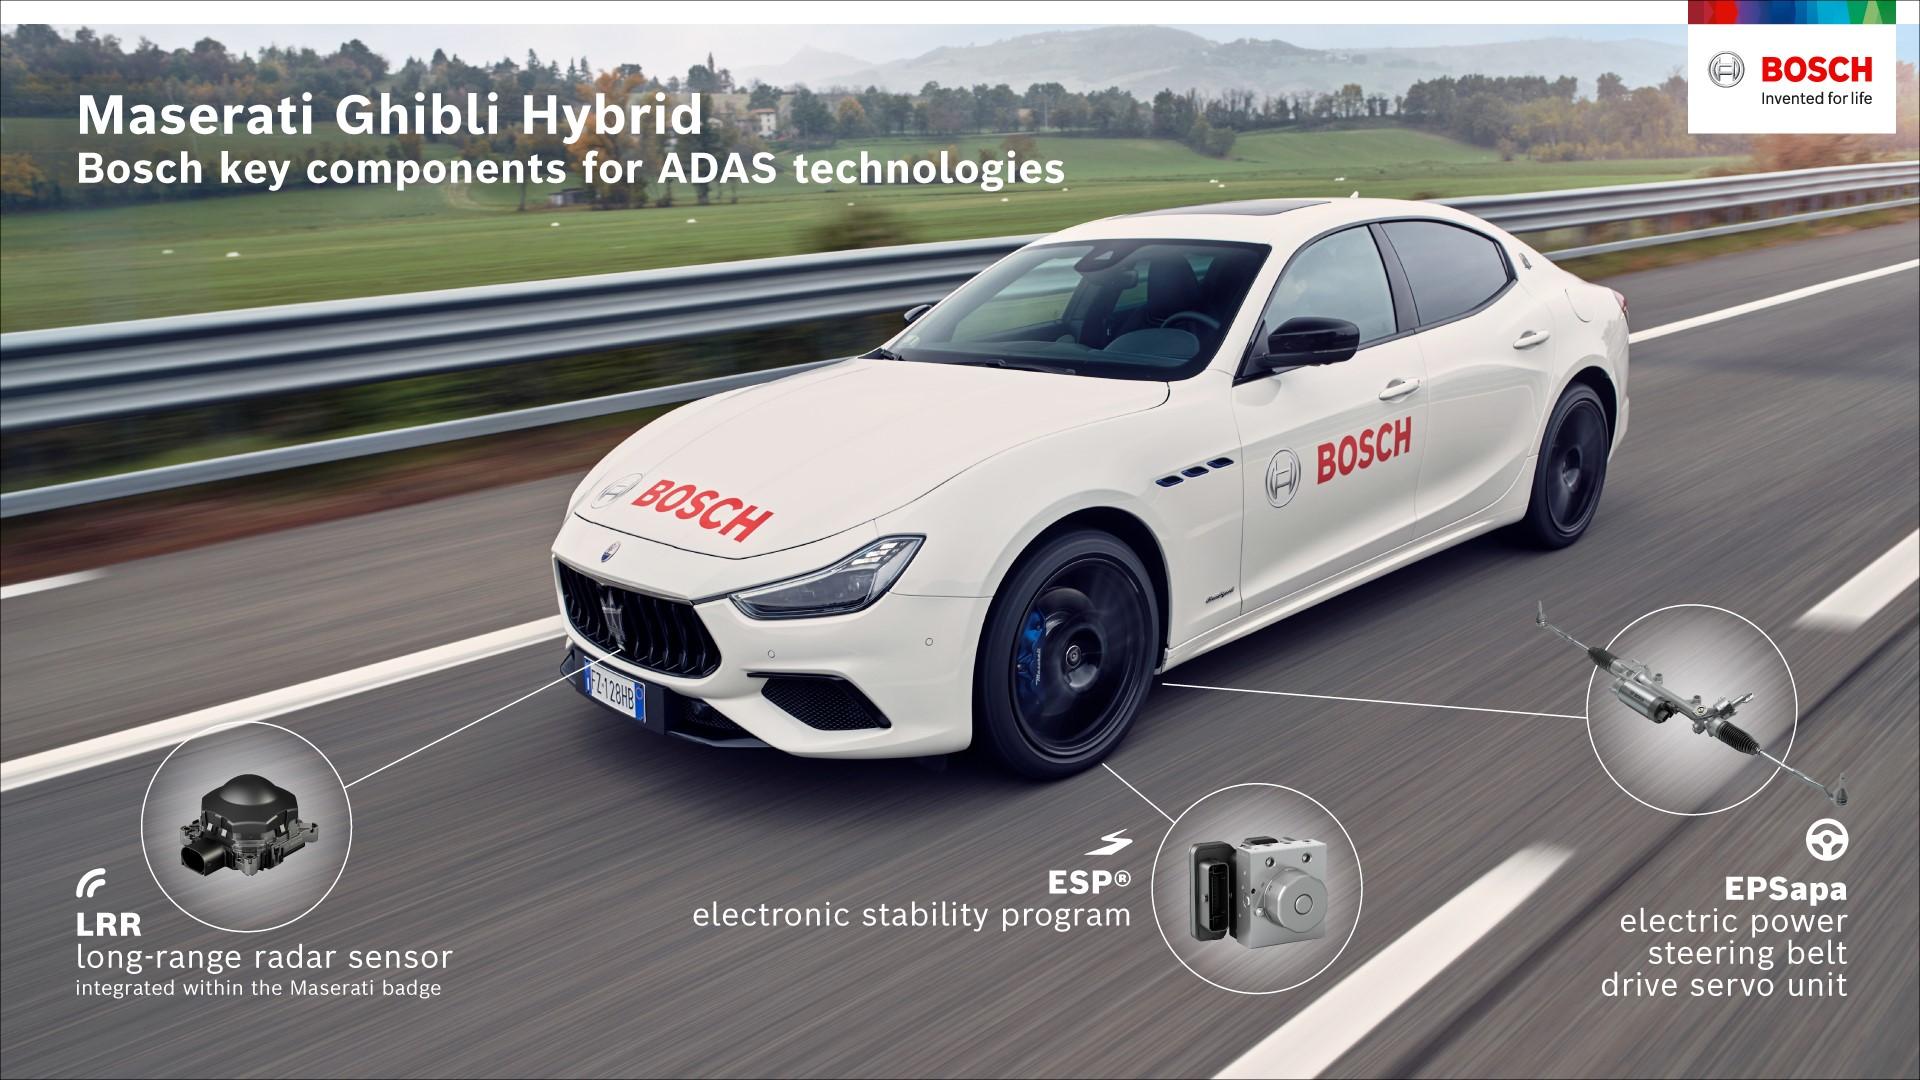 Maserati Ghibli Hybrid - Bosch key components for ADAS technologies